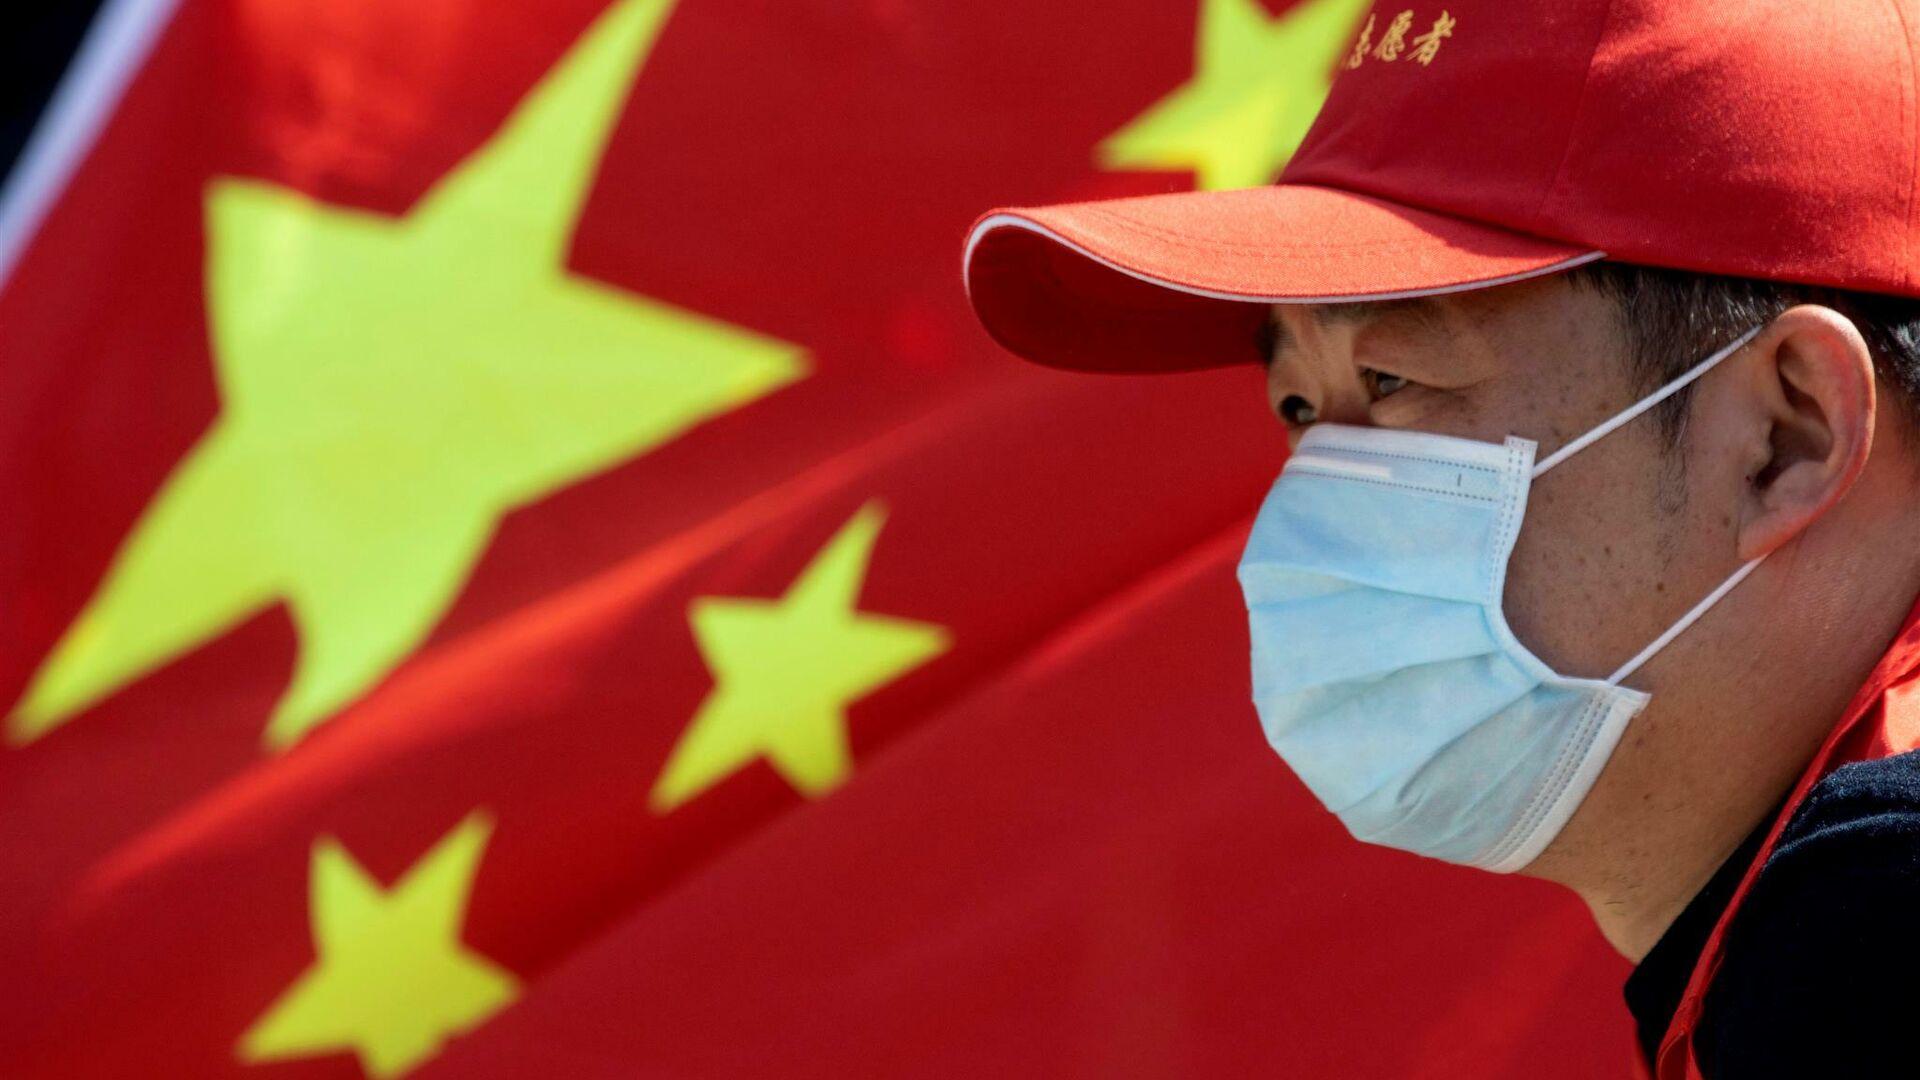 Мужчина на фоне флага Китая - РИА Новости, 1920, 22.11.2020